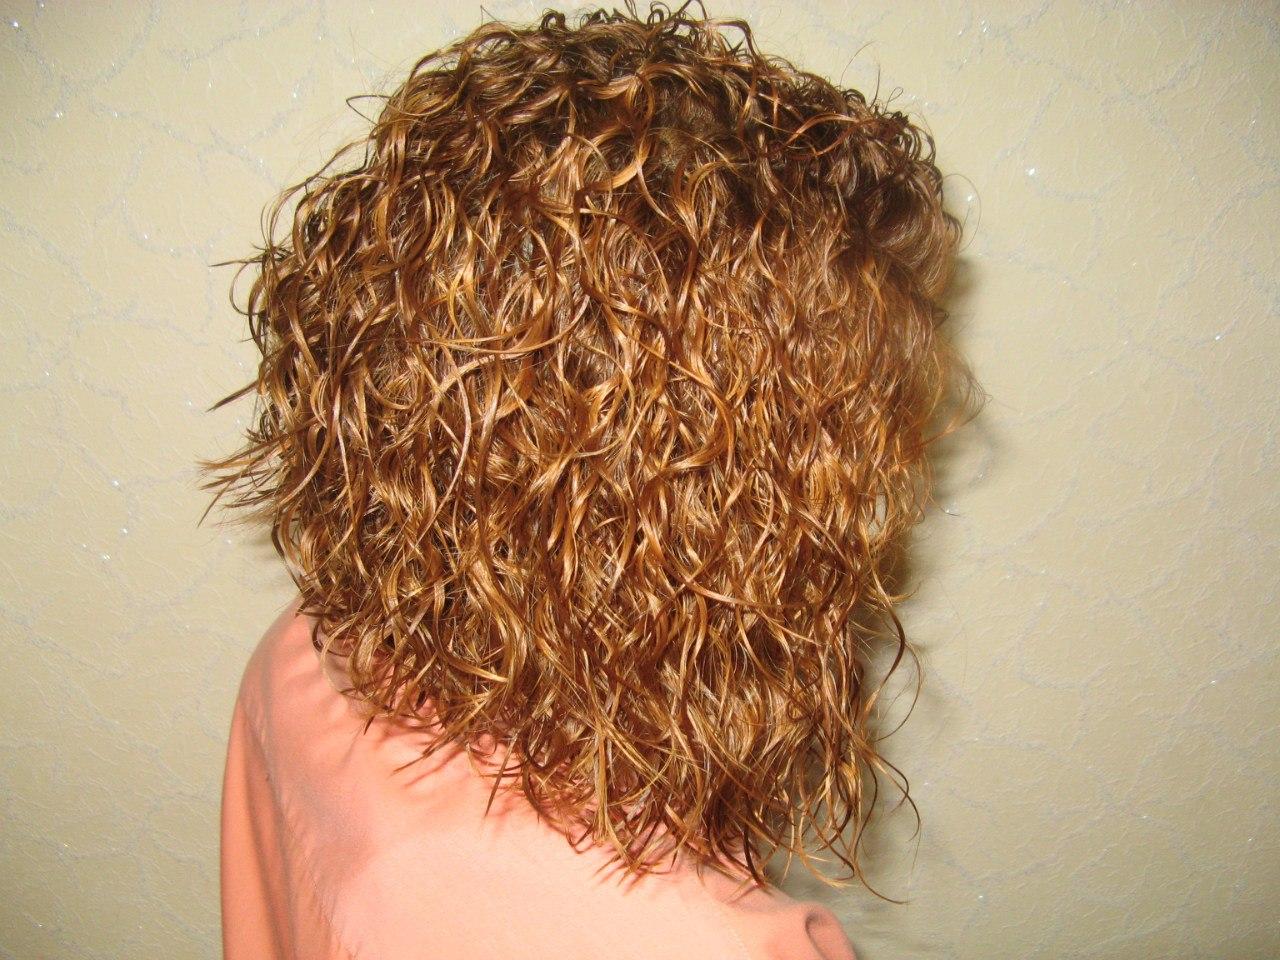 Химическая завивка на волосы средней длины